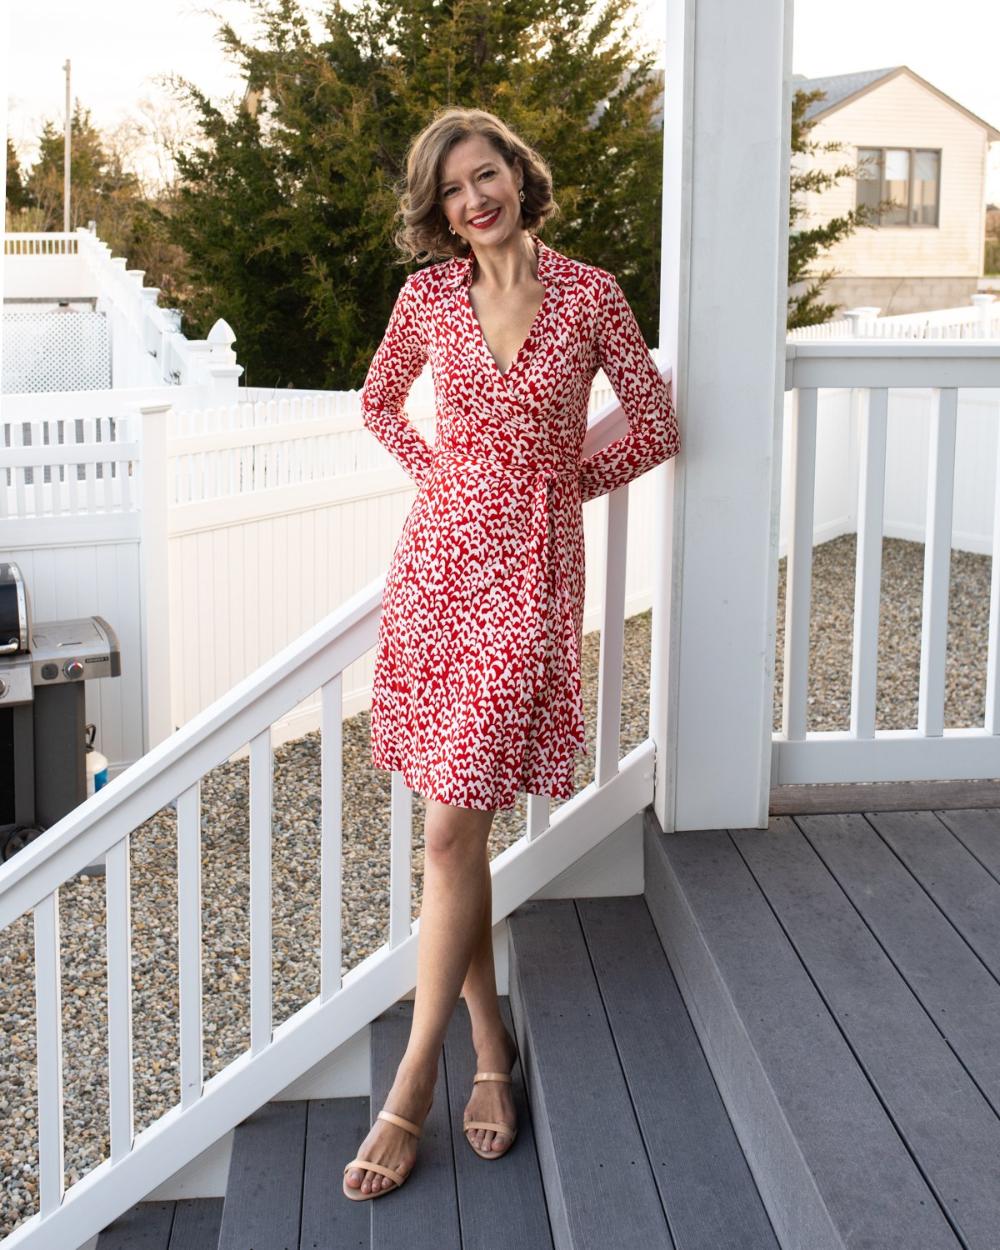 April 28 Stacie Flinner Diane Von Furstenberg Wrap Dress Wrap Dress Dress To Impress [ 1250 x 1000 Pixel ]